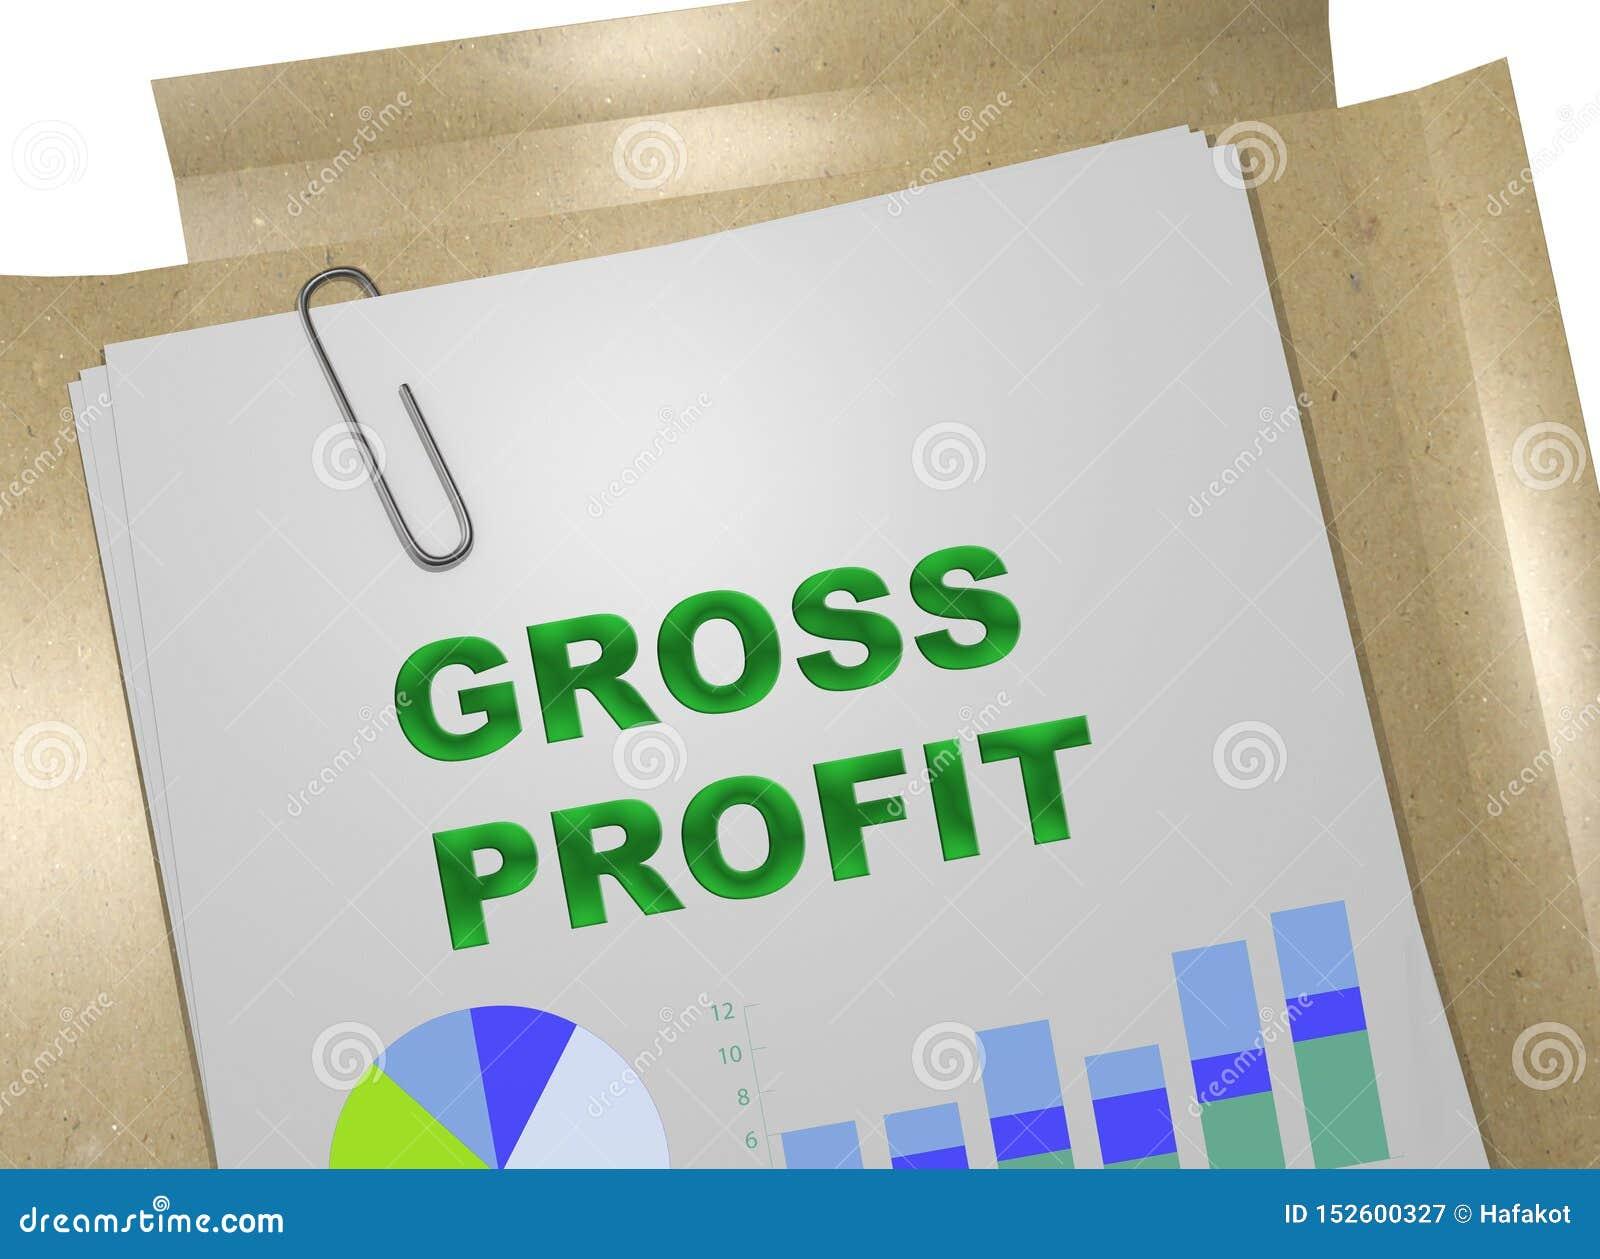 GROSS PROFIT concept